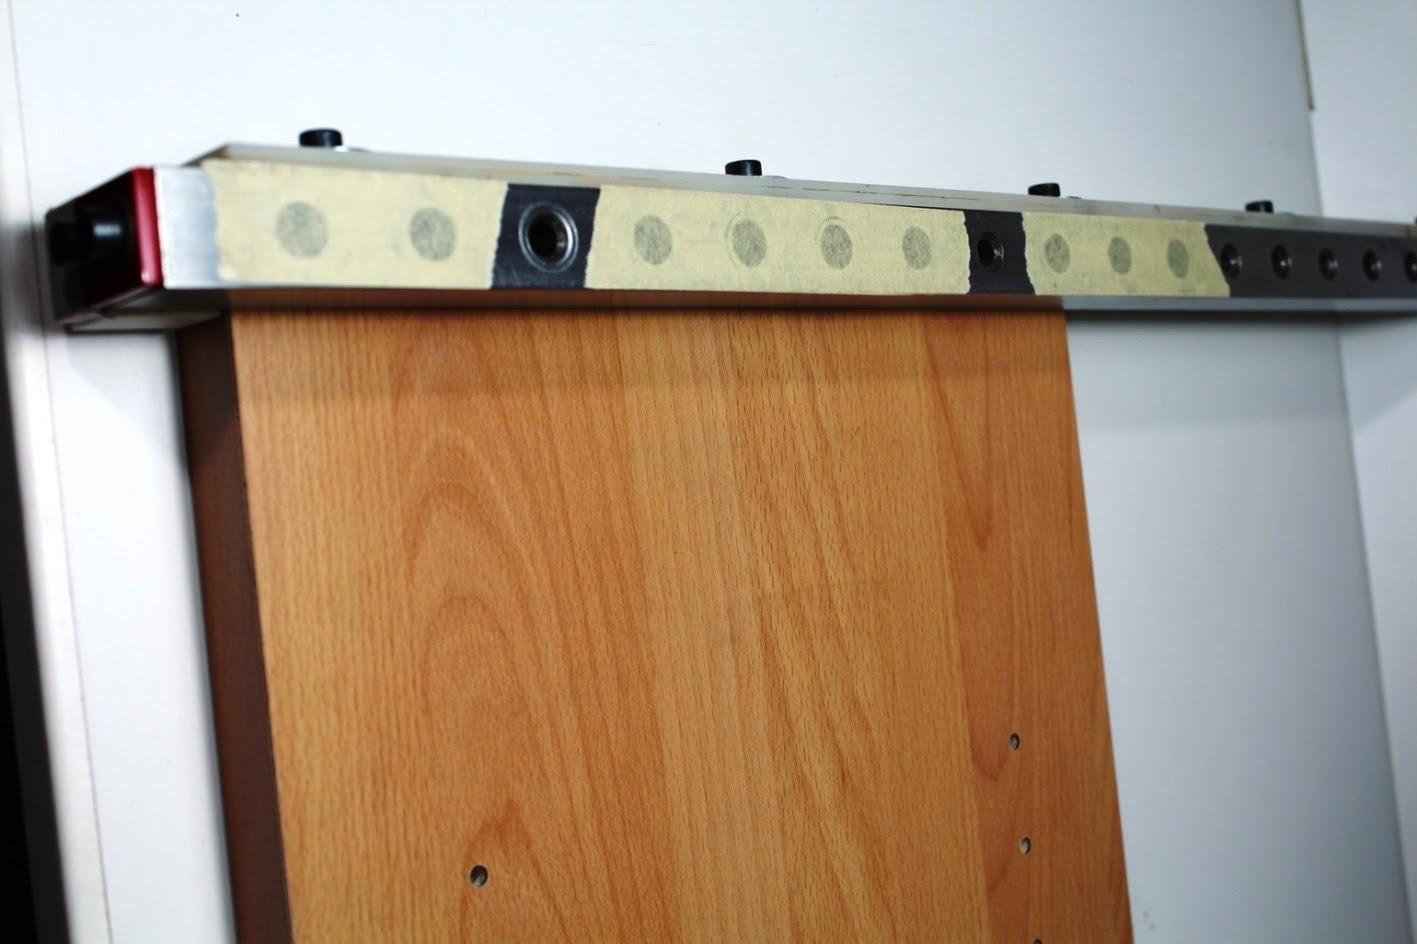 Costruiamo i mobili la dima per la spinatura seconda parte for Dima per spine legno fai da te